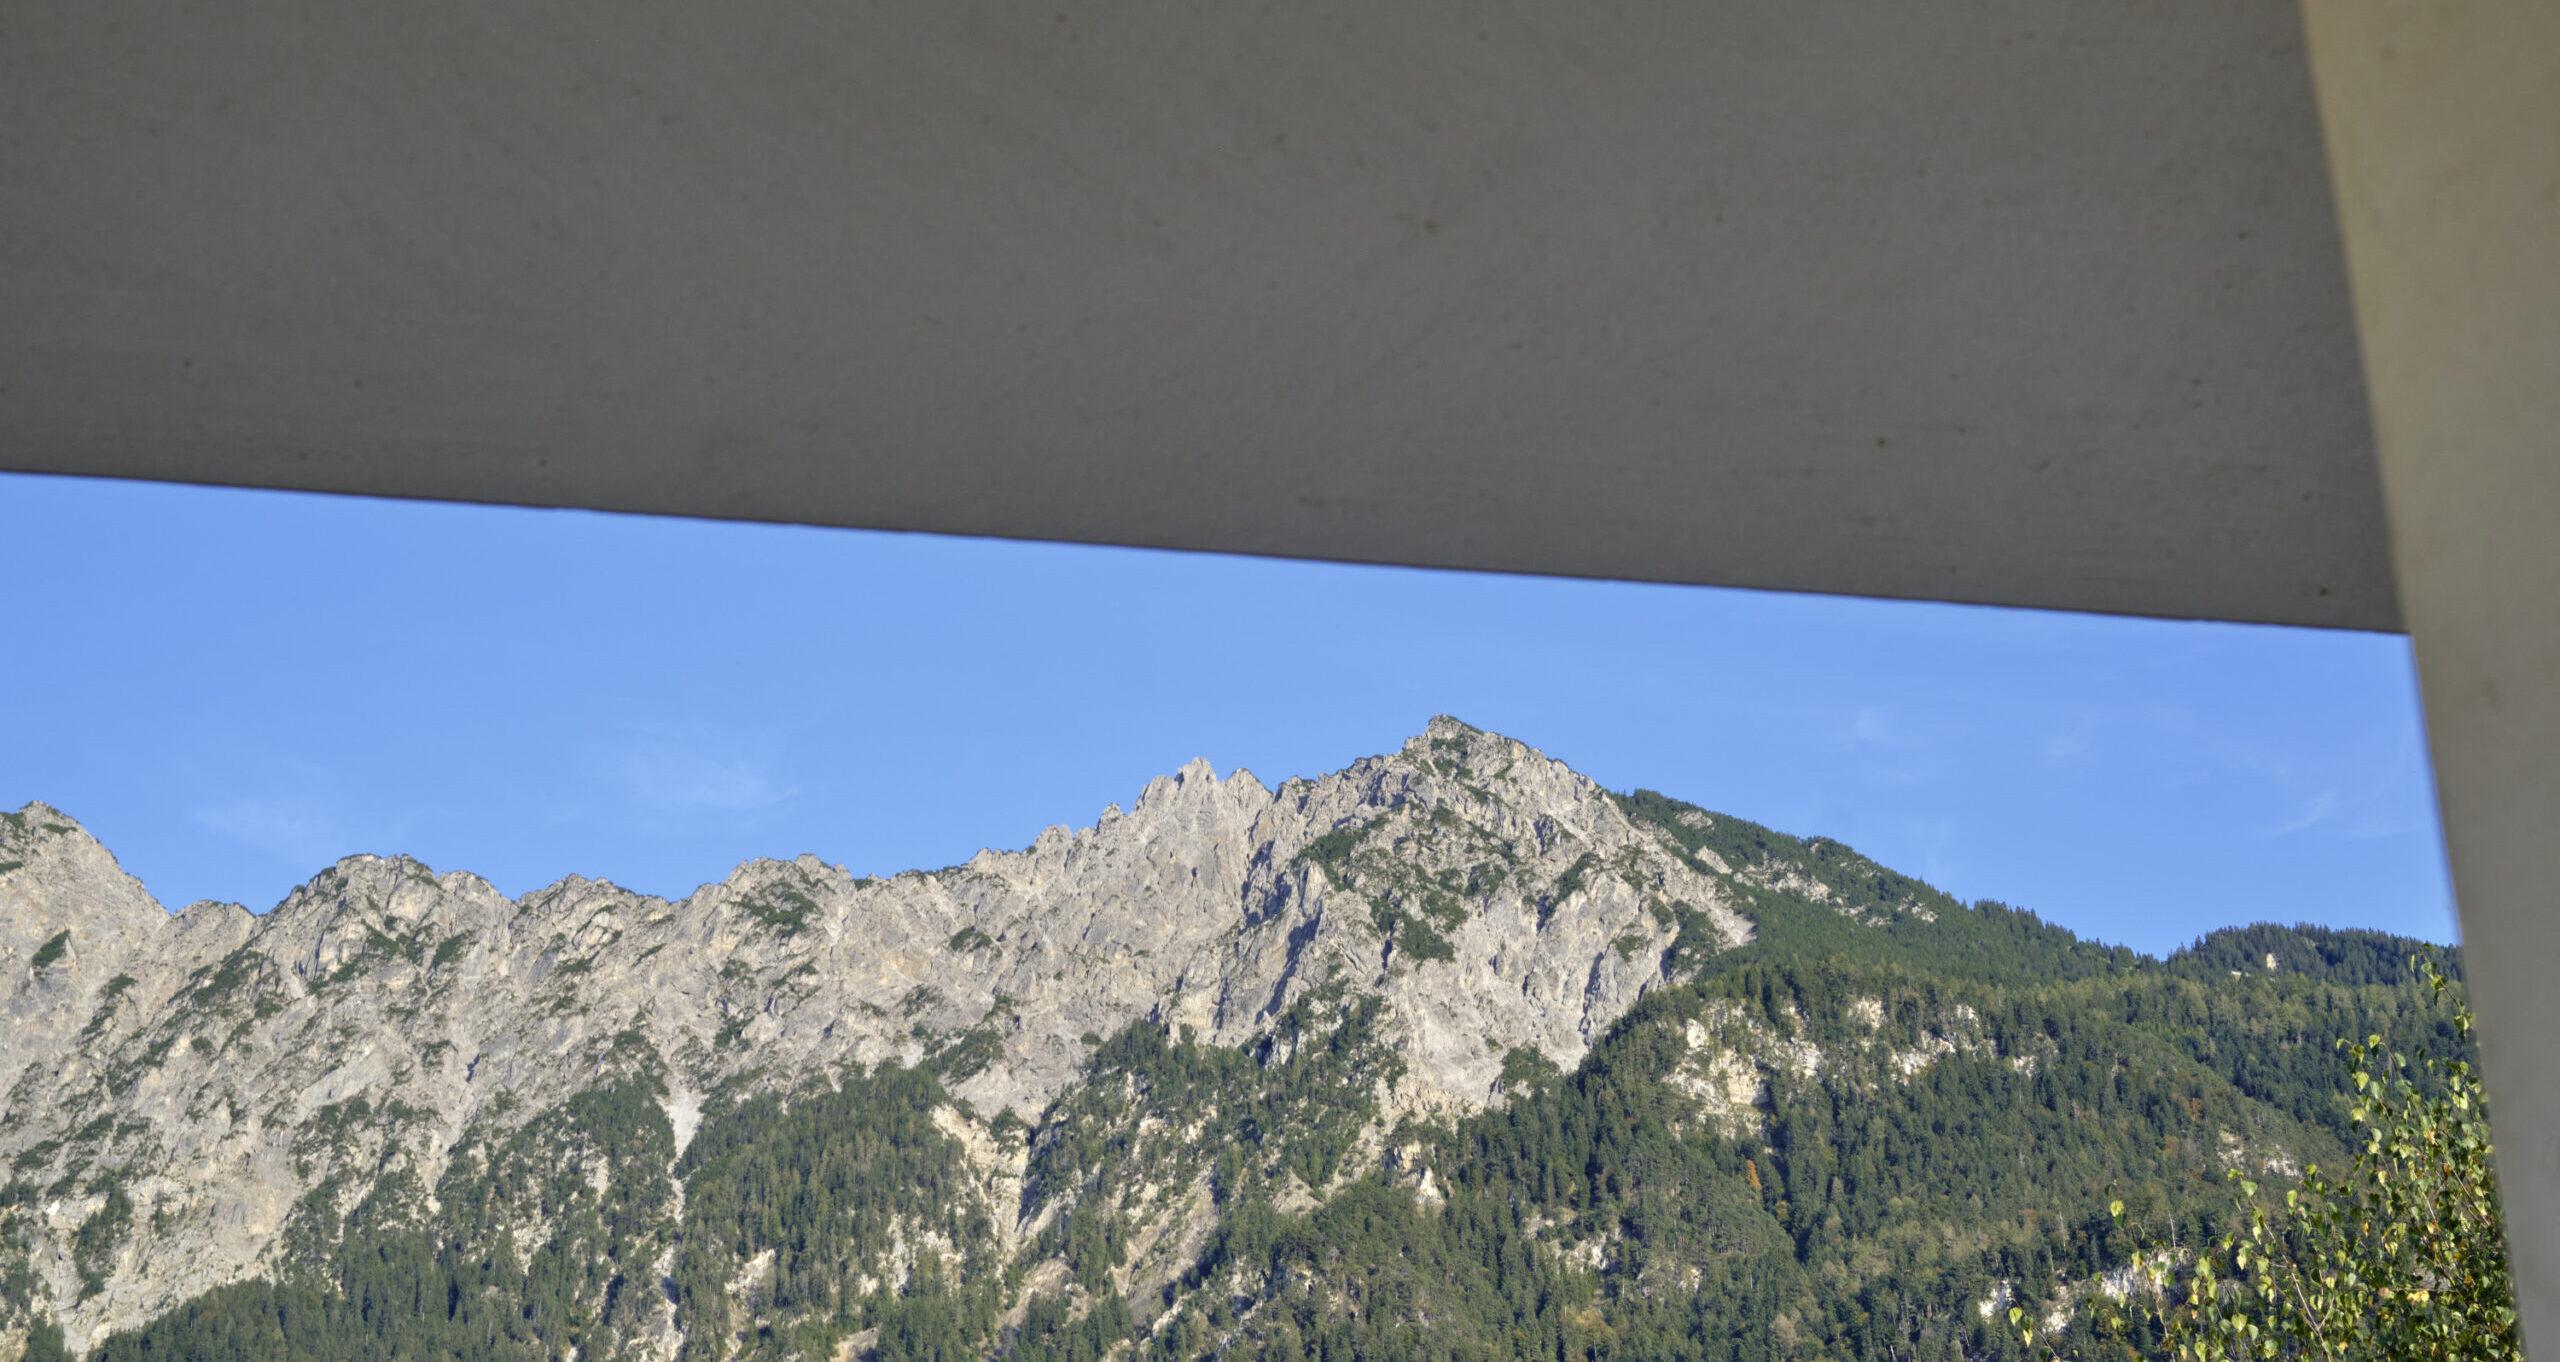 Haus Holdergasse, Fenster und Berge, Ressourcen, BE Architekten, Olex, Oliver Lins